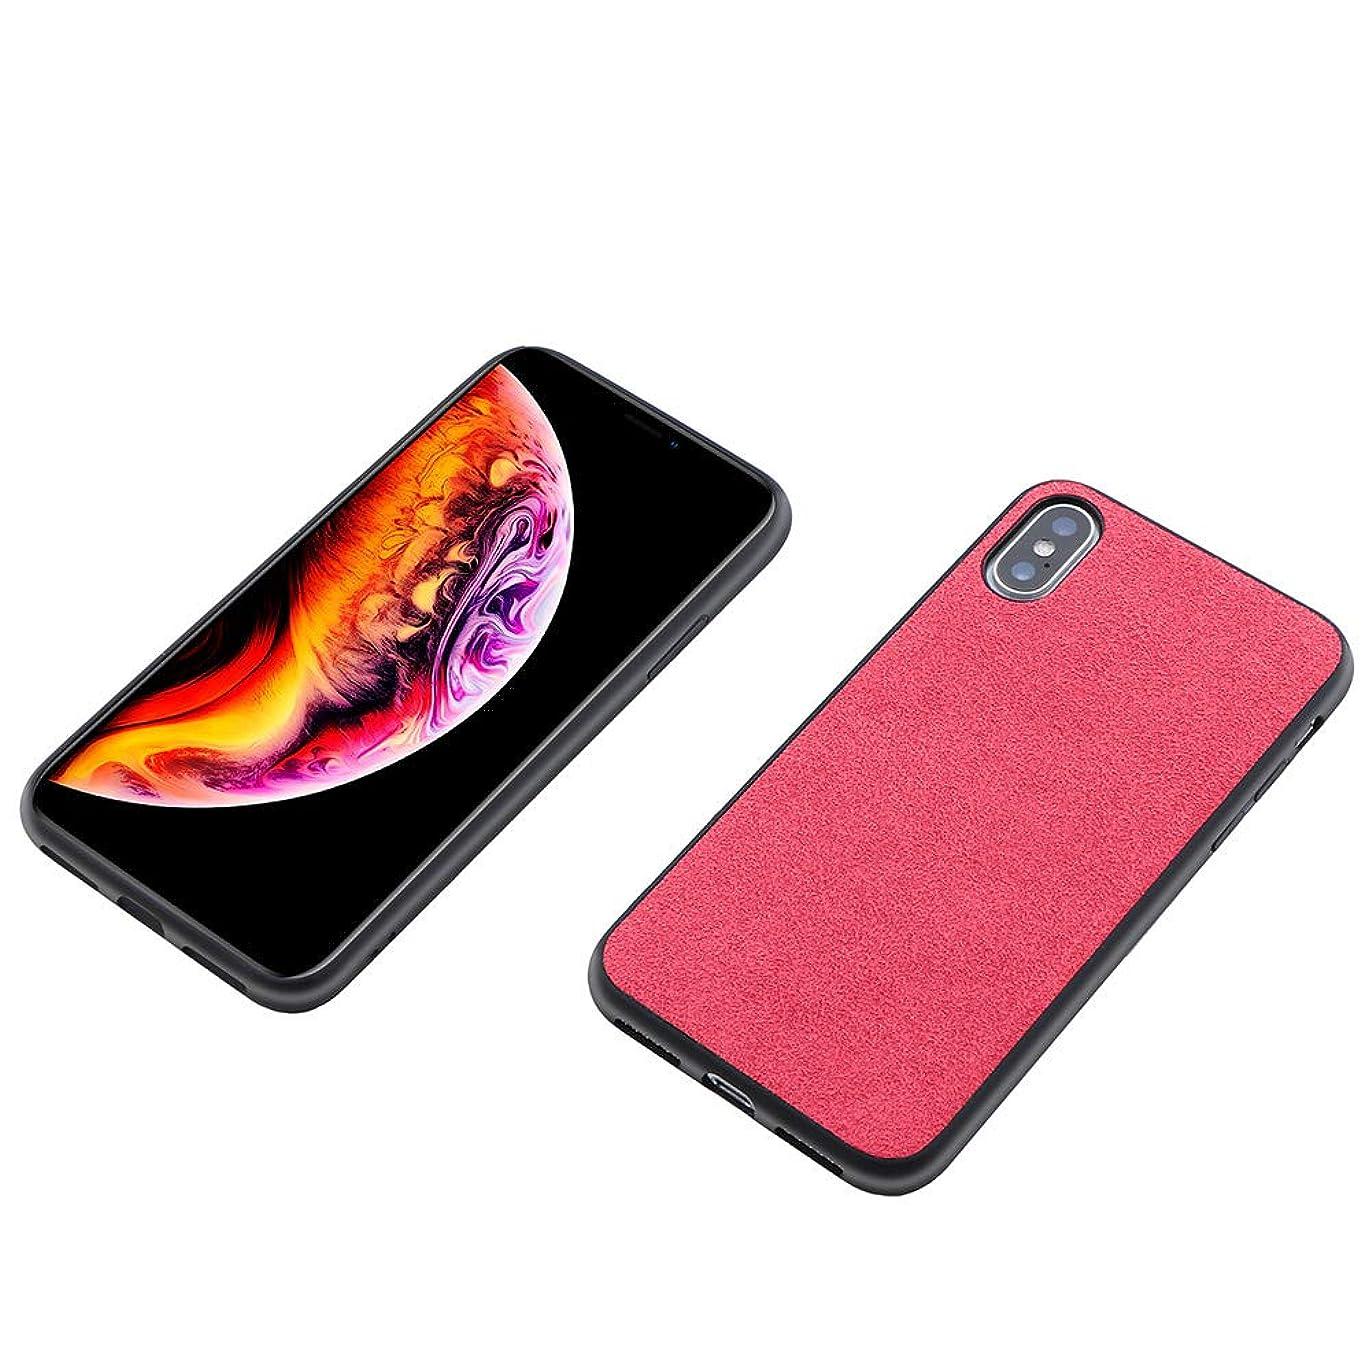 驚かす埋める麻痺させるIphone 携帯電話のシェルス 対応 アルカンタラ シンプル 落下防止 携帯電話 iphone